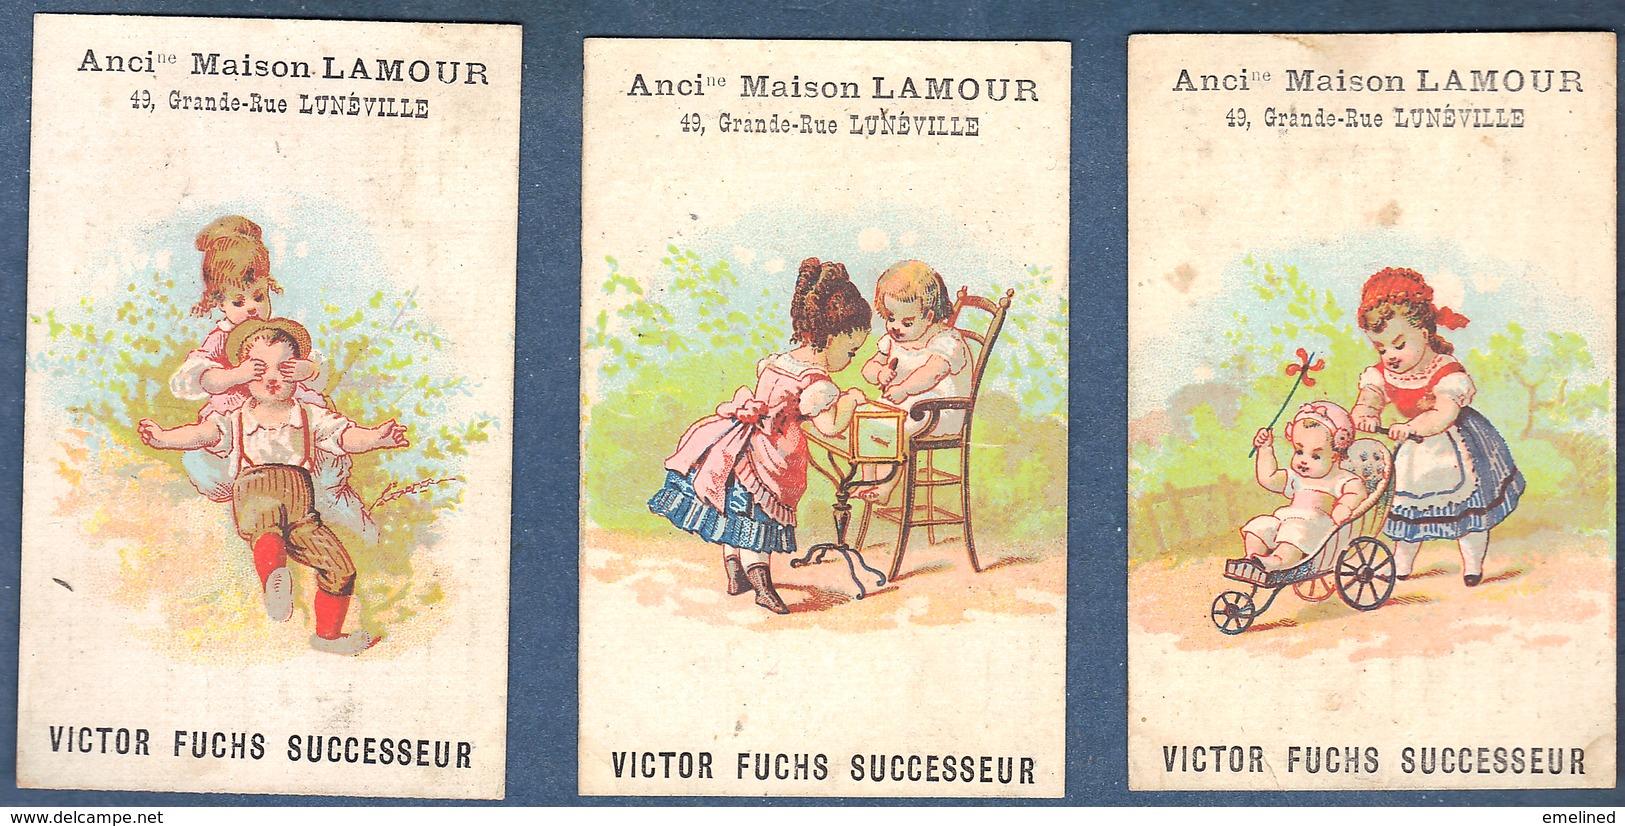 Chromo Maison Lamour Victor Fuchs Lunéville Lot De 3 Enfants Poussette Bébé Aquarium Chaise Haute Cache Cache Jeu Jouets - Trade Cards